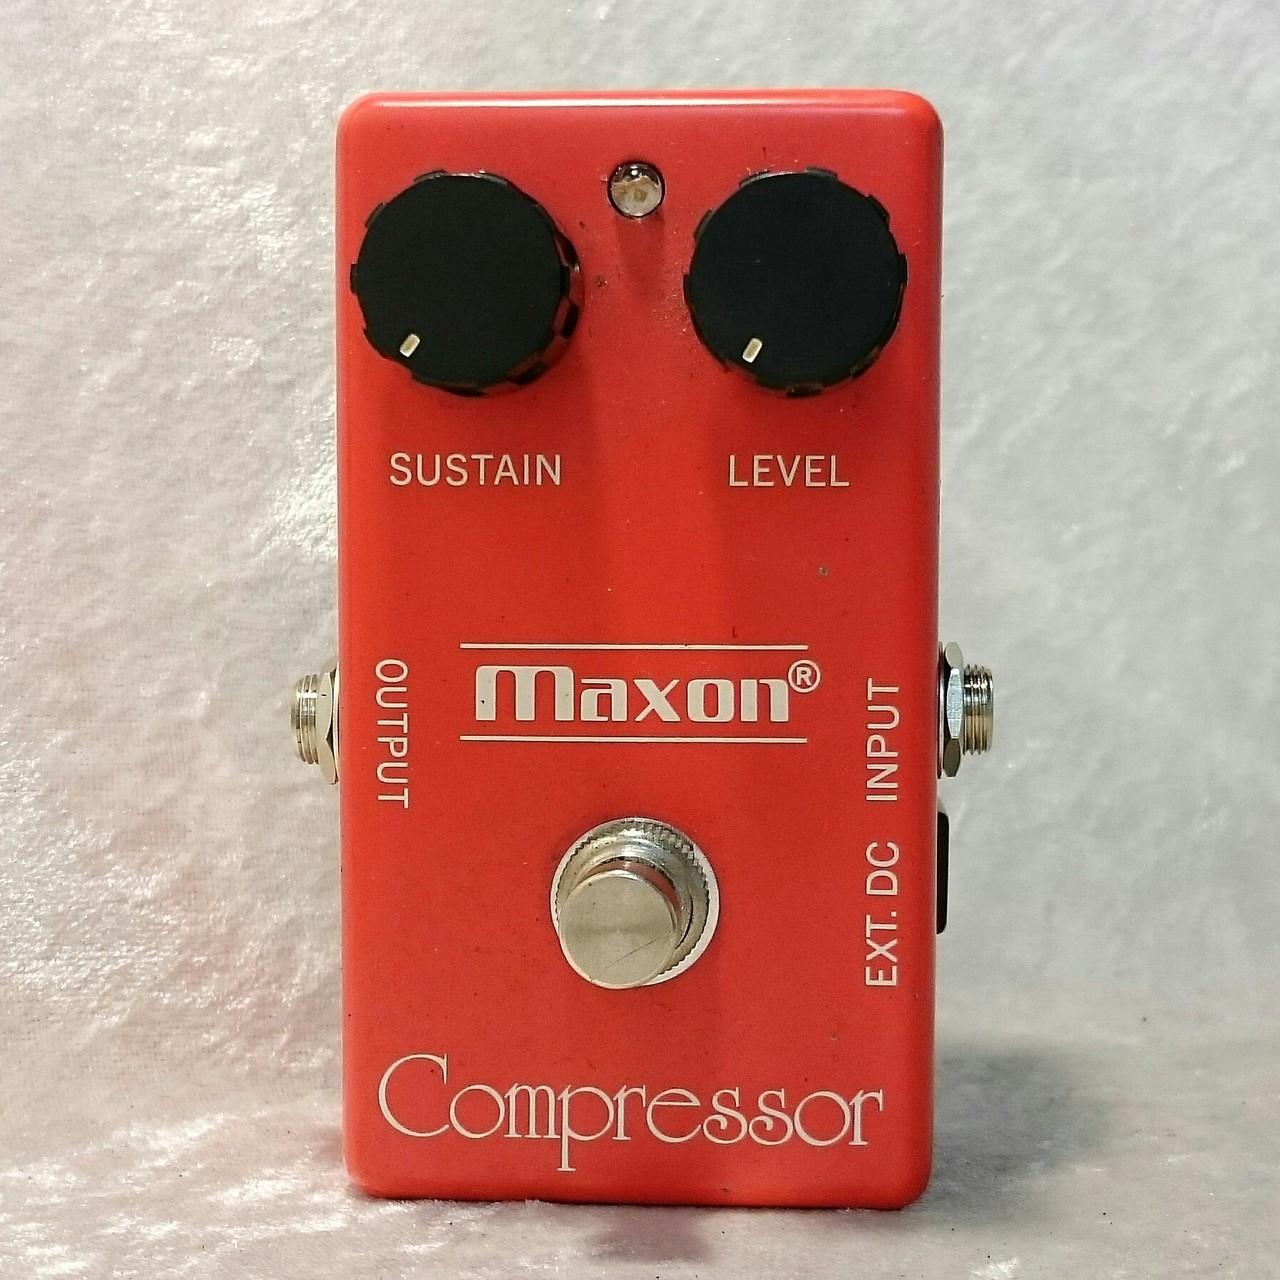 Maxon Compressor